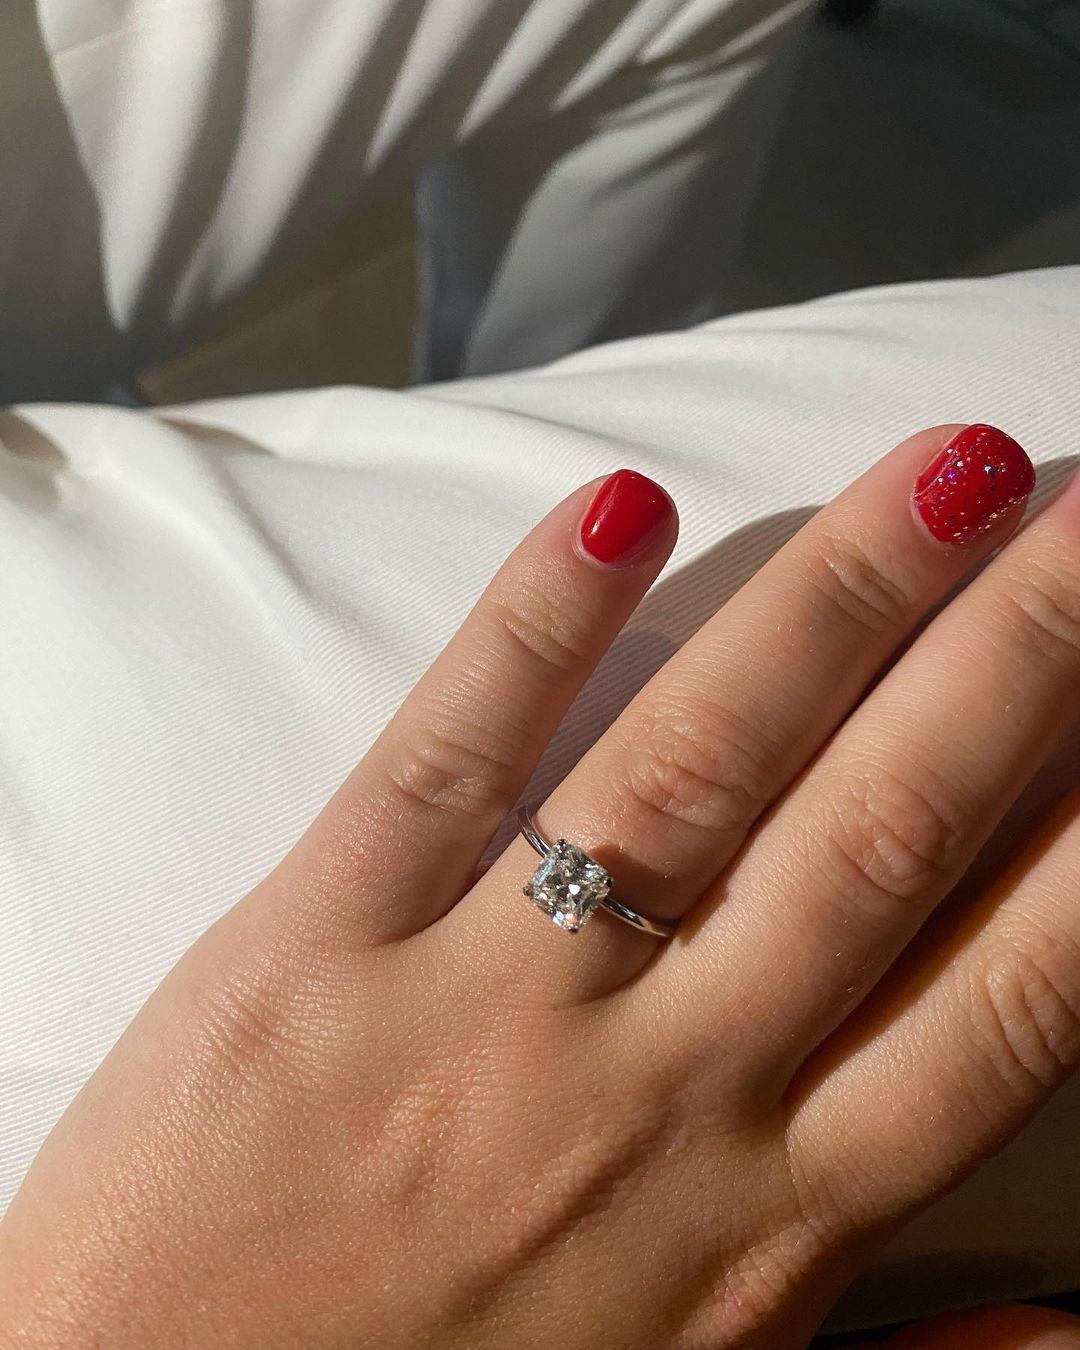 Официально: дочь бизнесмена Романа Абрамовича Софья выходит замуж - фото №2